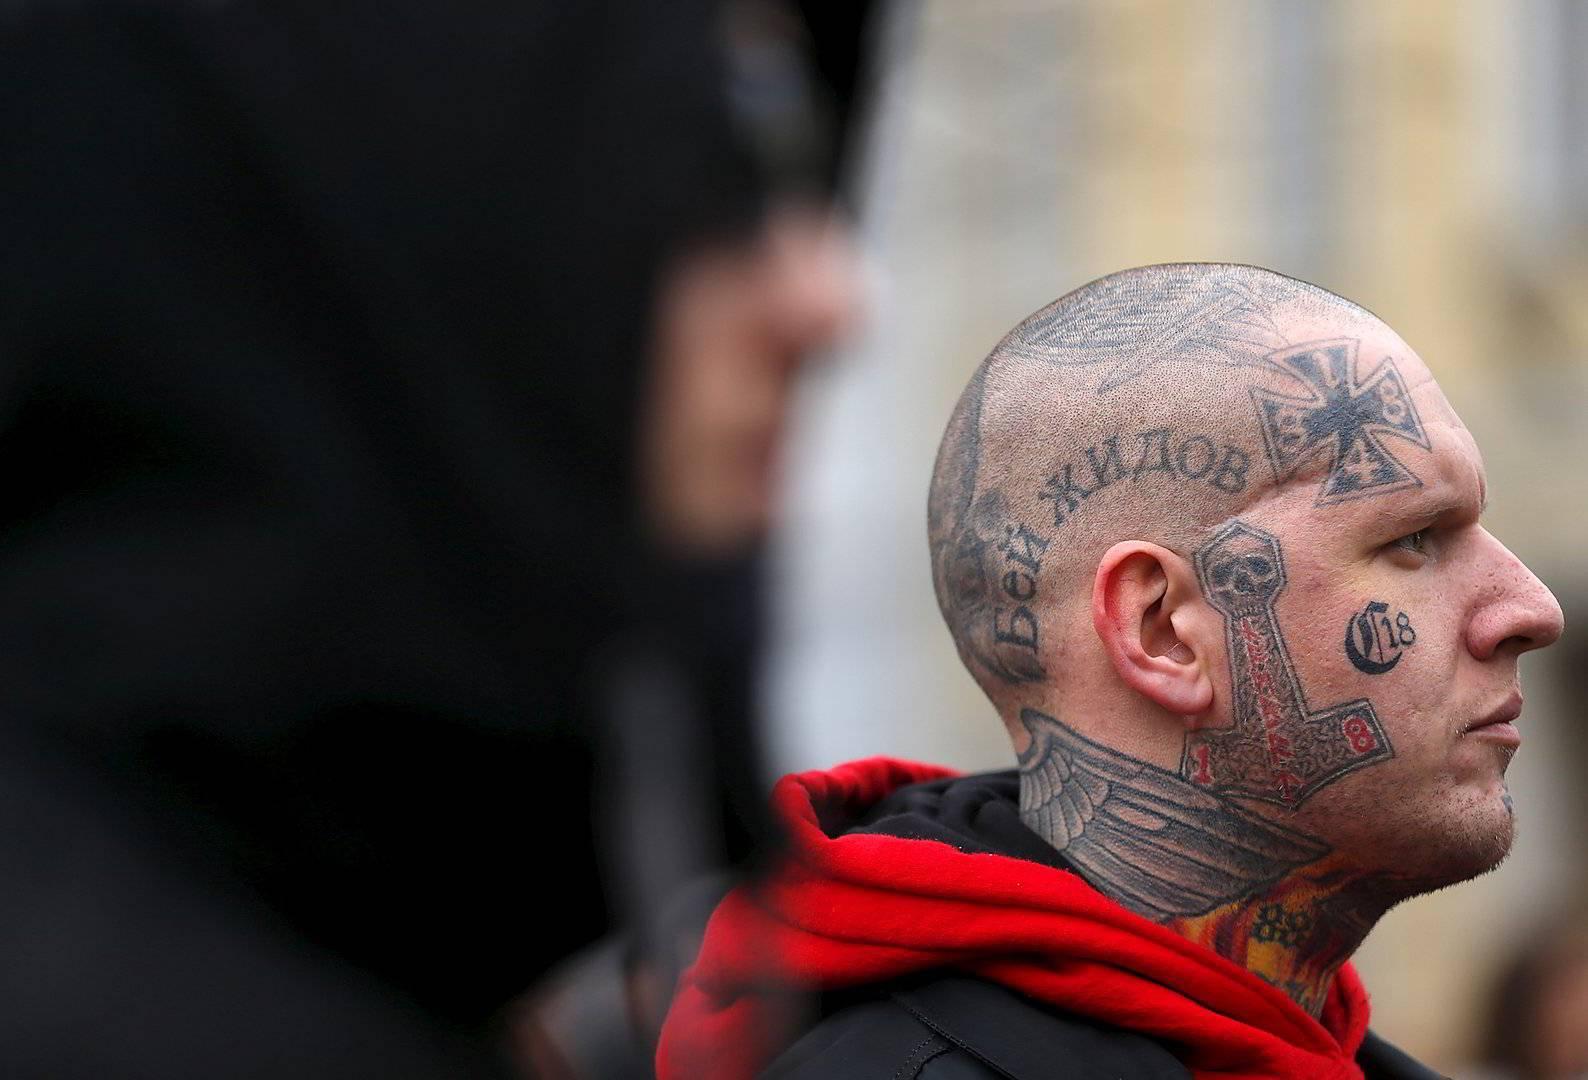 Берут ли в армию с (тату) татуировками на лице и теле